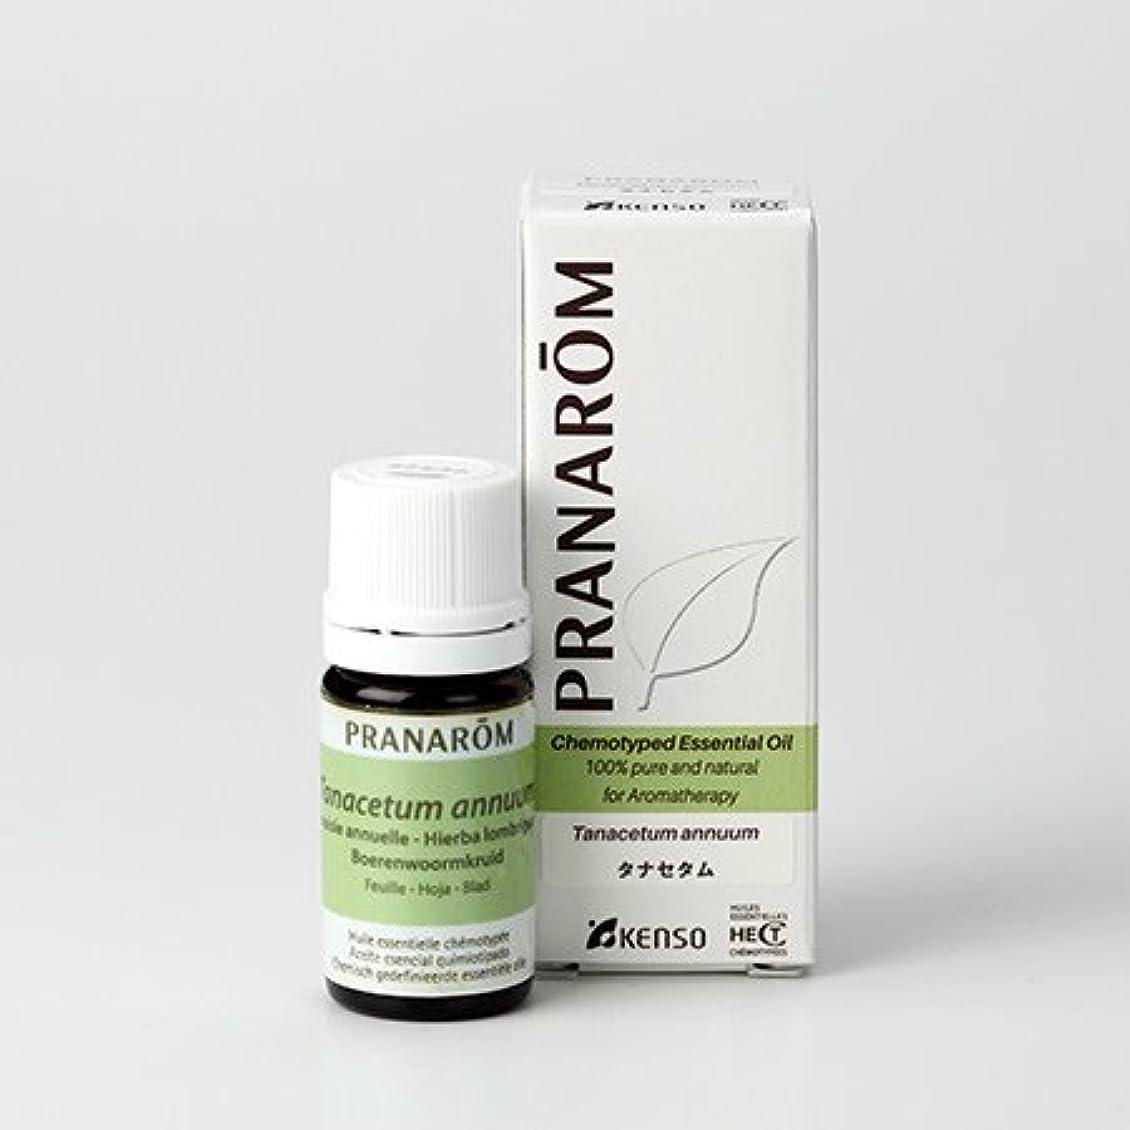 独立極貧ファイアルプラナロム タナセタム 5ml (PRANAROM ケモタイプ精油)